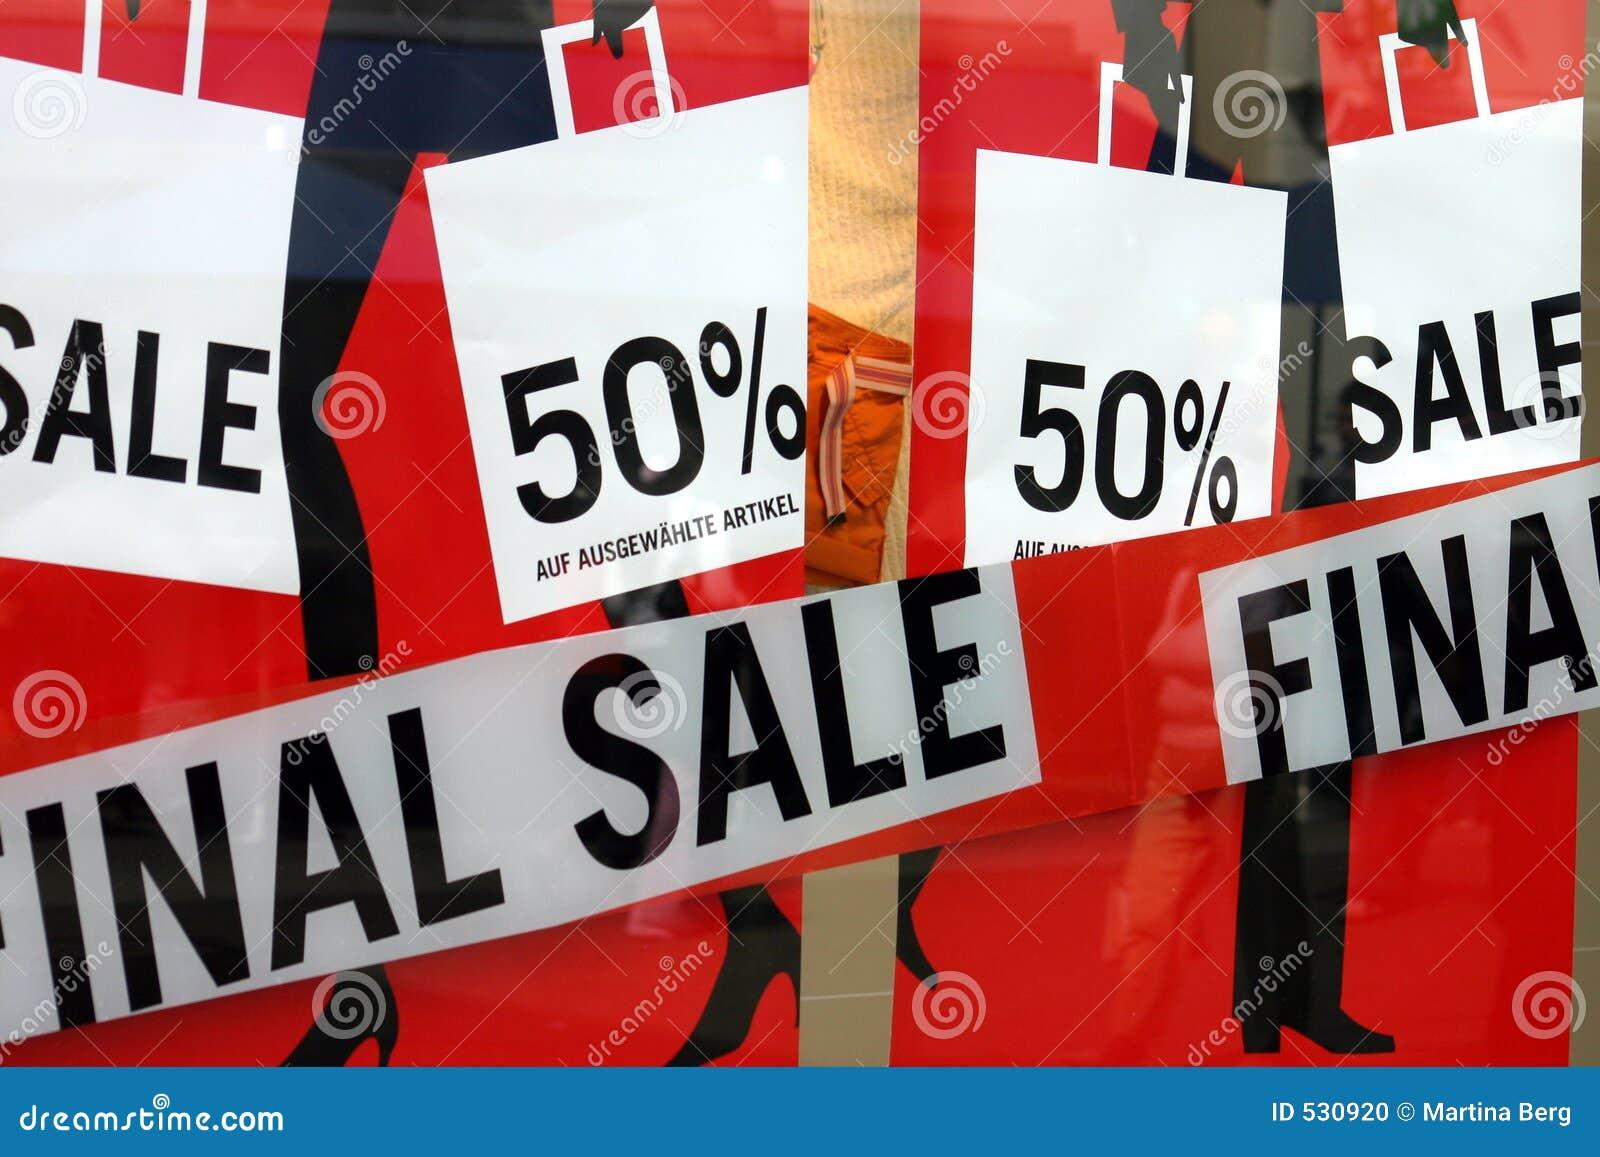 Download 最终销售额 库存照片. 图片 包括有 节省额, 价格, 减少, 结算, 出卖, 销售额, 最终, 除之外, 五十 - 530920